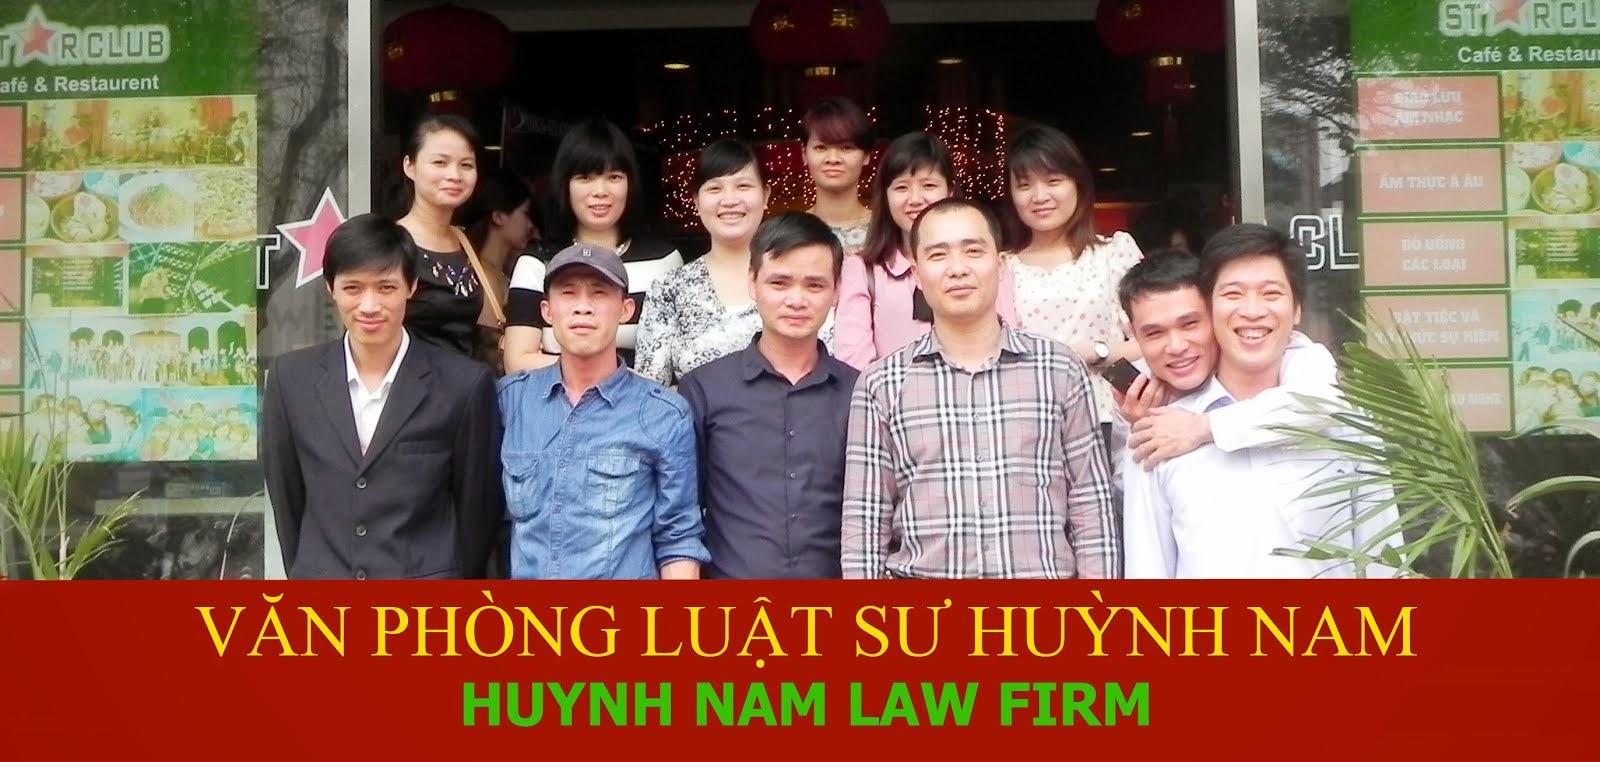 VĂN PHÒNG LUẬT SƯ HUỲNH NAM   -                                      HUYNH NAM LAW FIRM